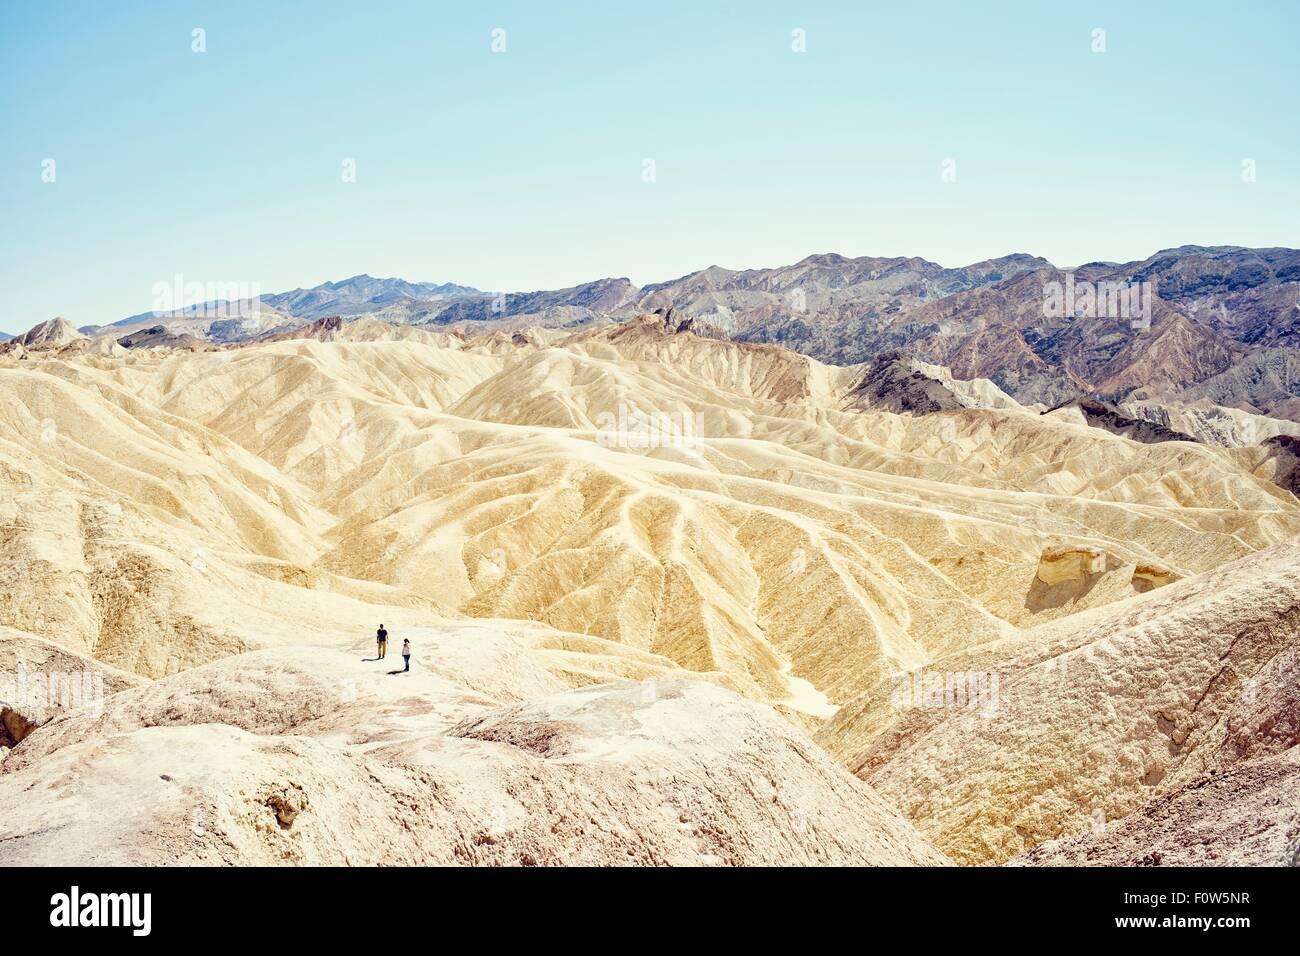 Vista de dos turistas en Zabriskie Point, el Valle de la Muerte, California, EE.UU. Imagen De Stock